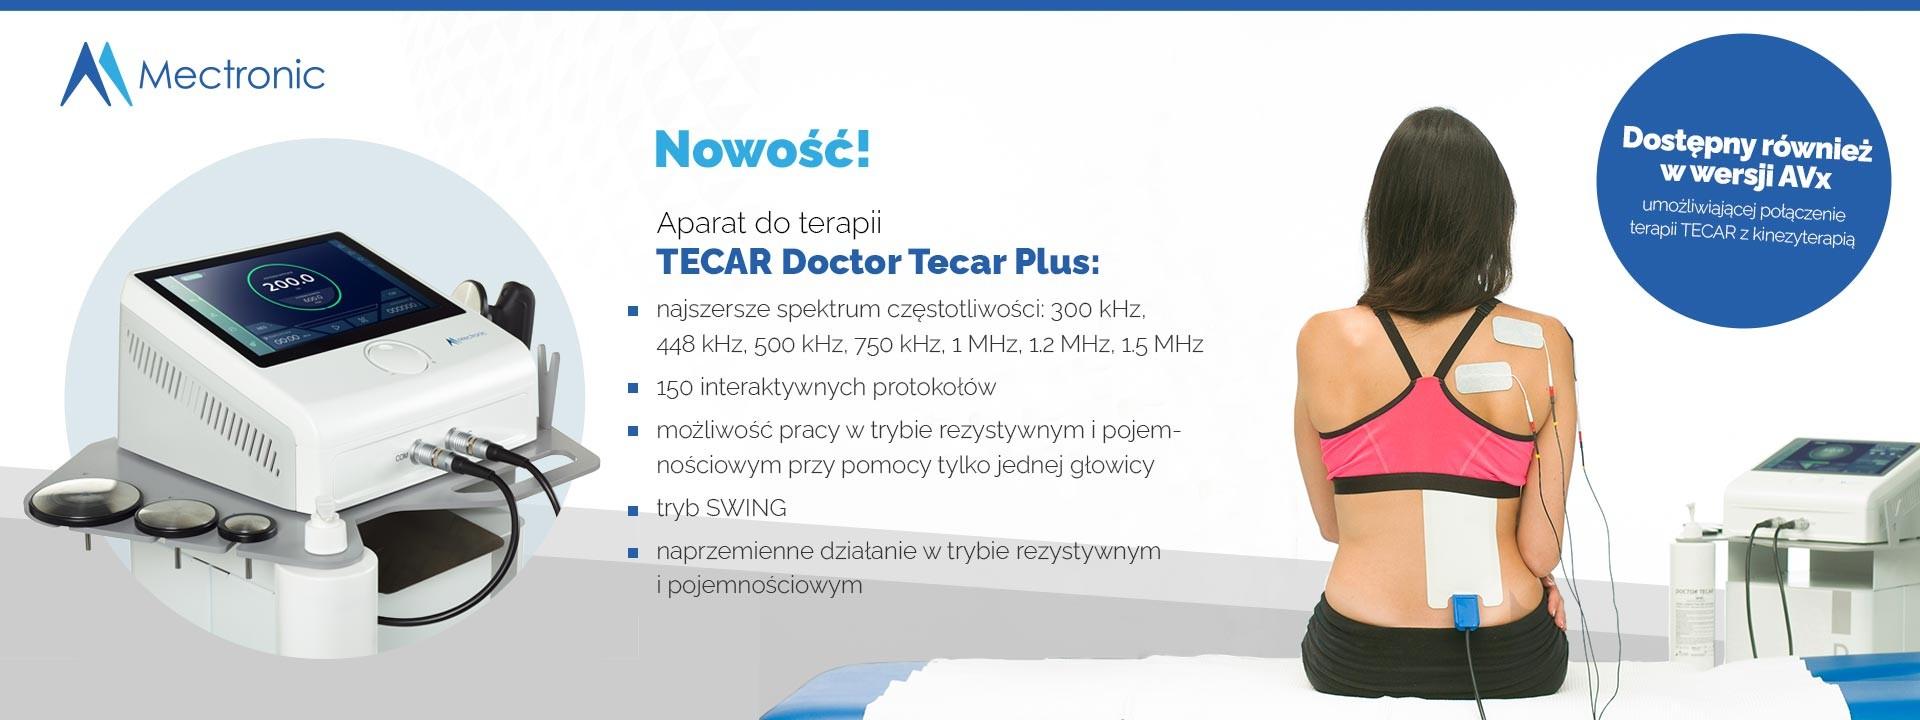 Nowa seria aparatów do terapii TECAR